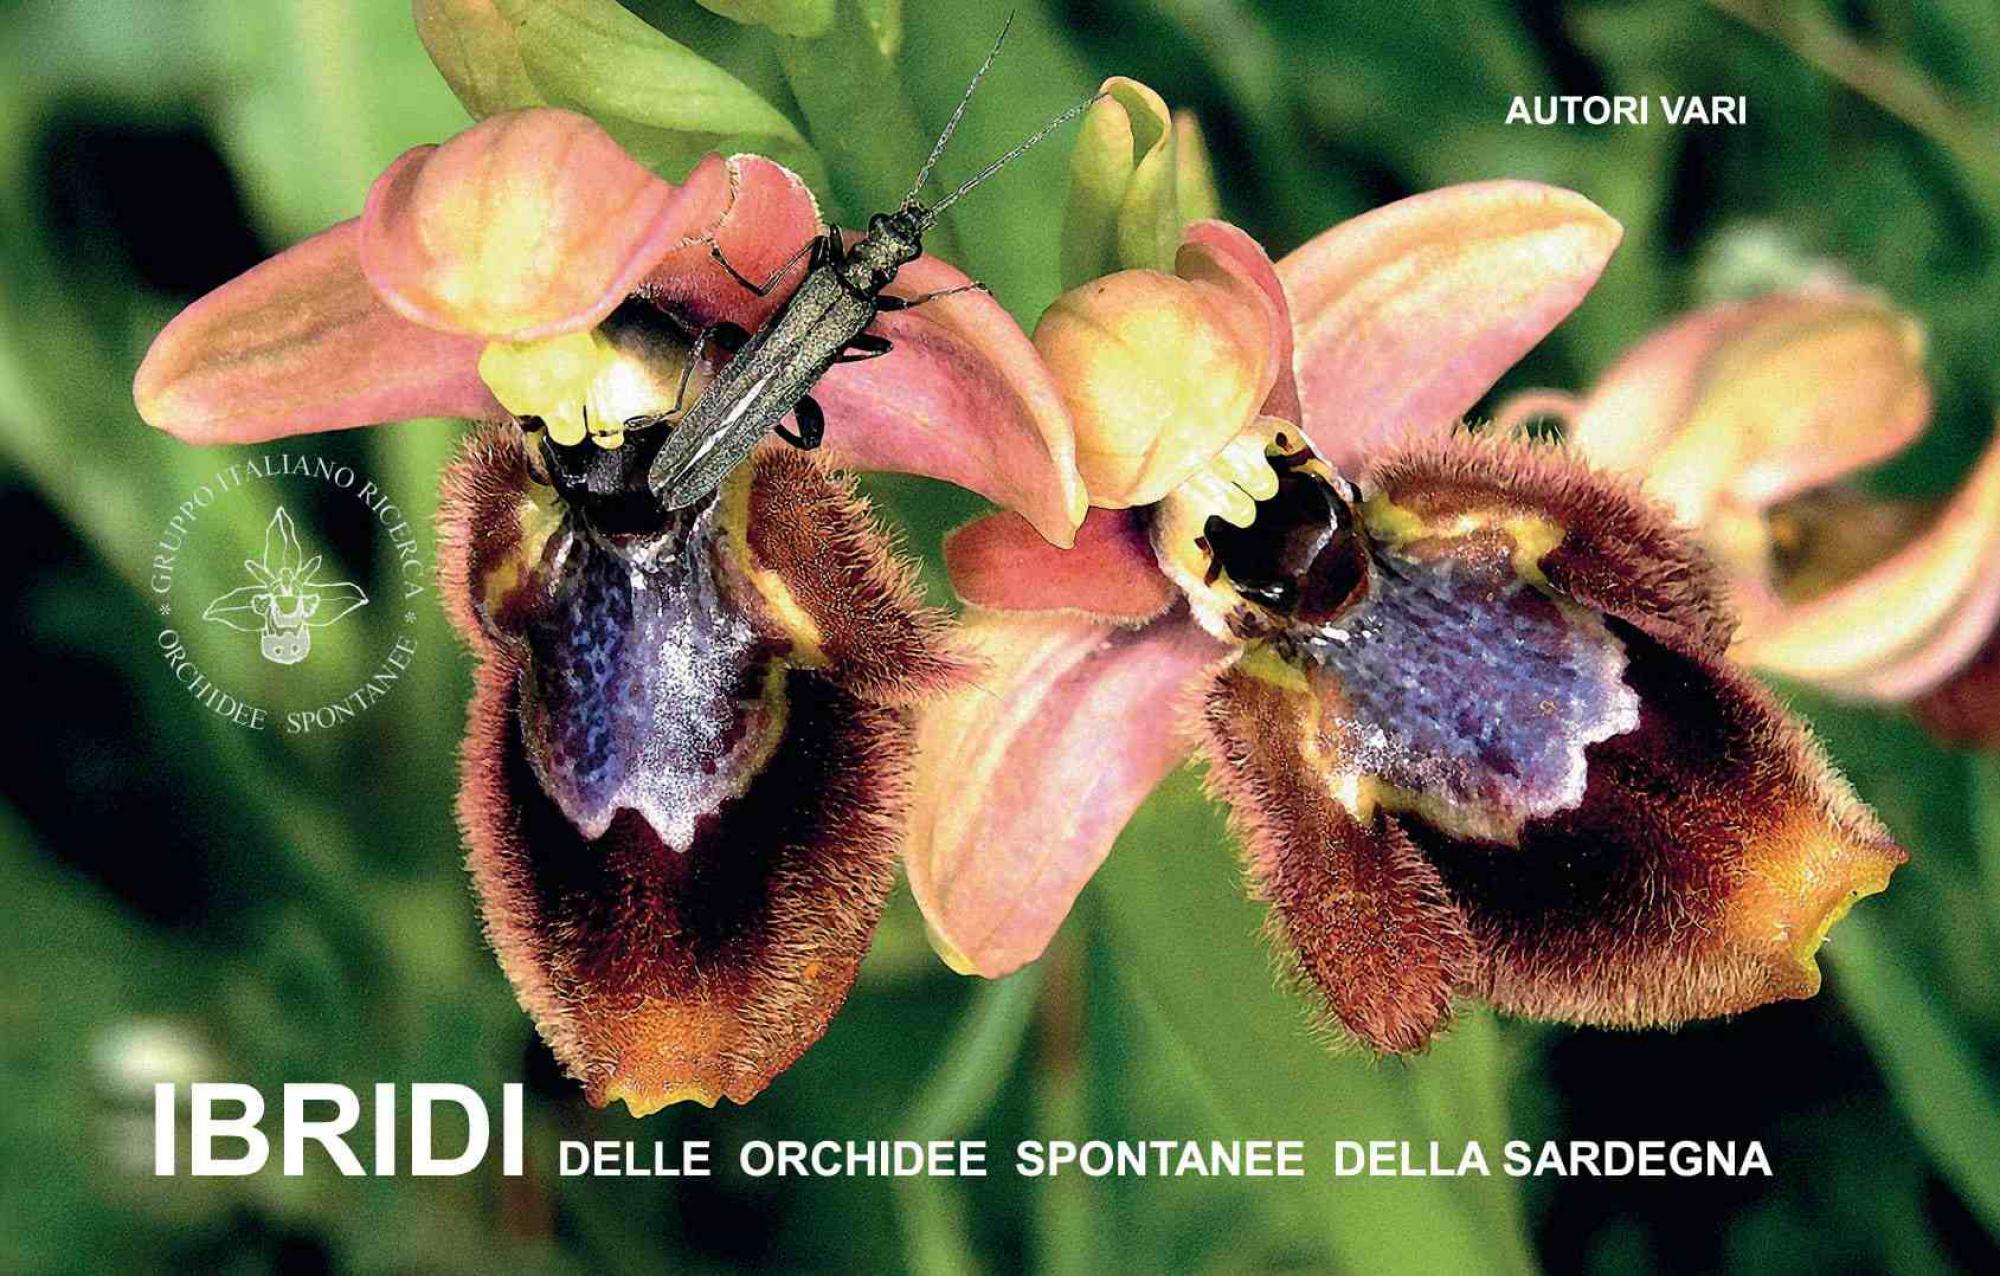 IBRIDI delle orchidee spontaneedella Sardegna